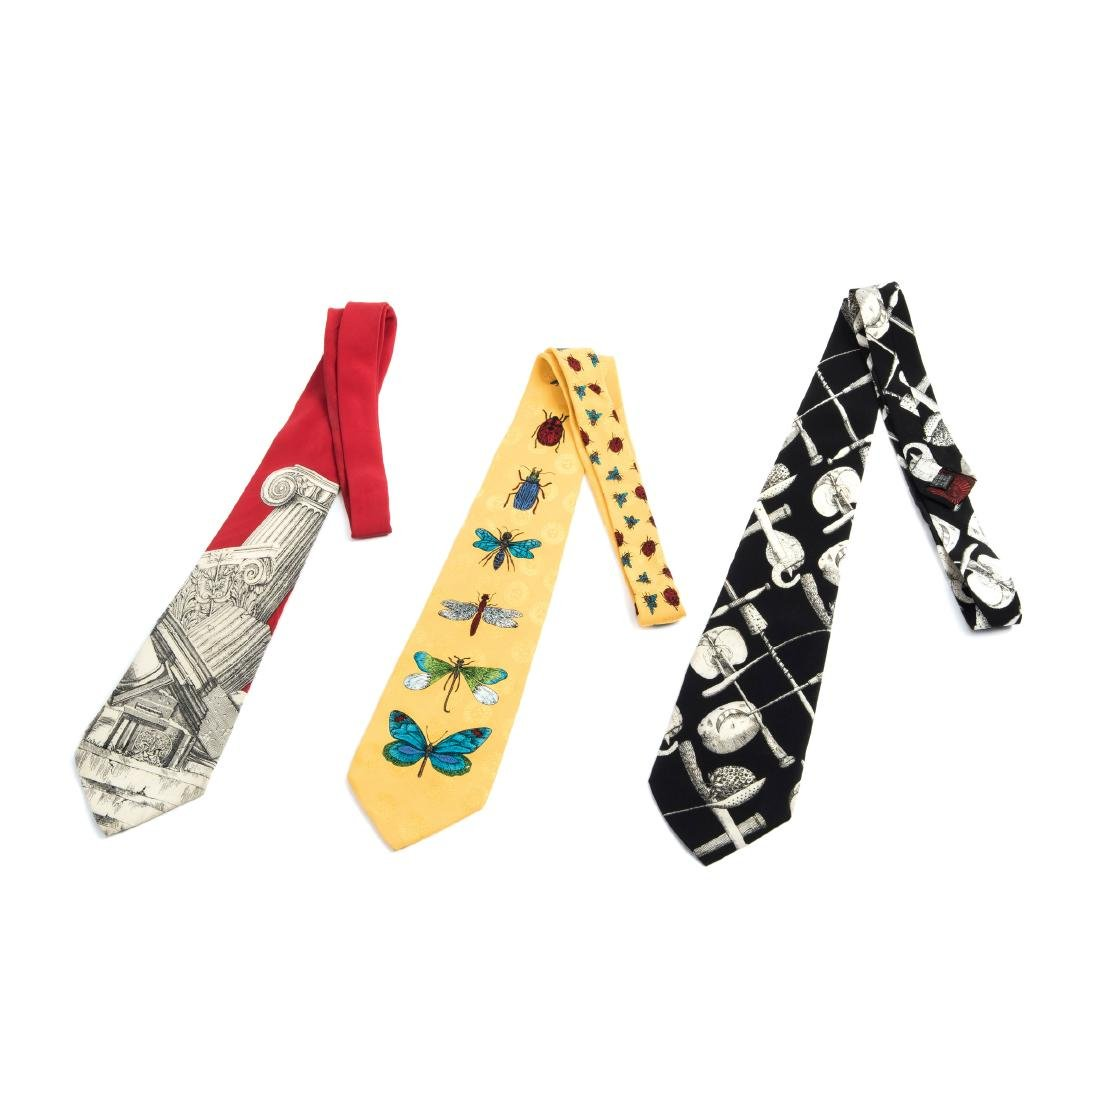 Three ties, 'Insetti', 'Rovine Romane' and 'Frutta e